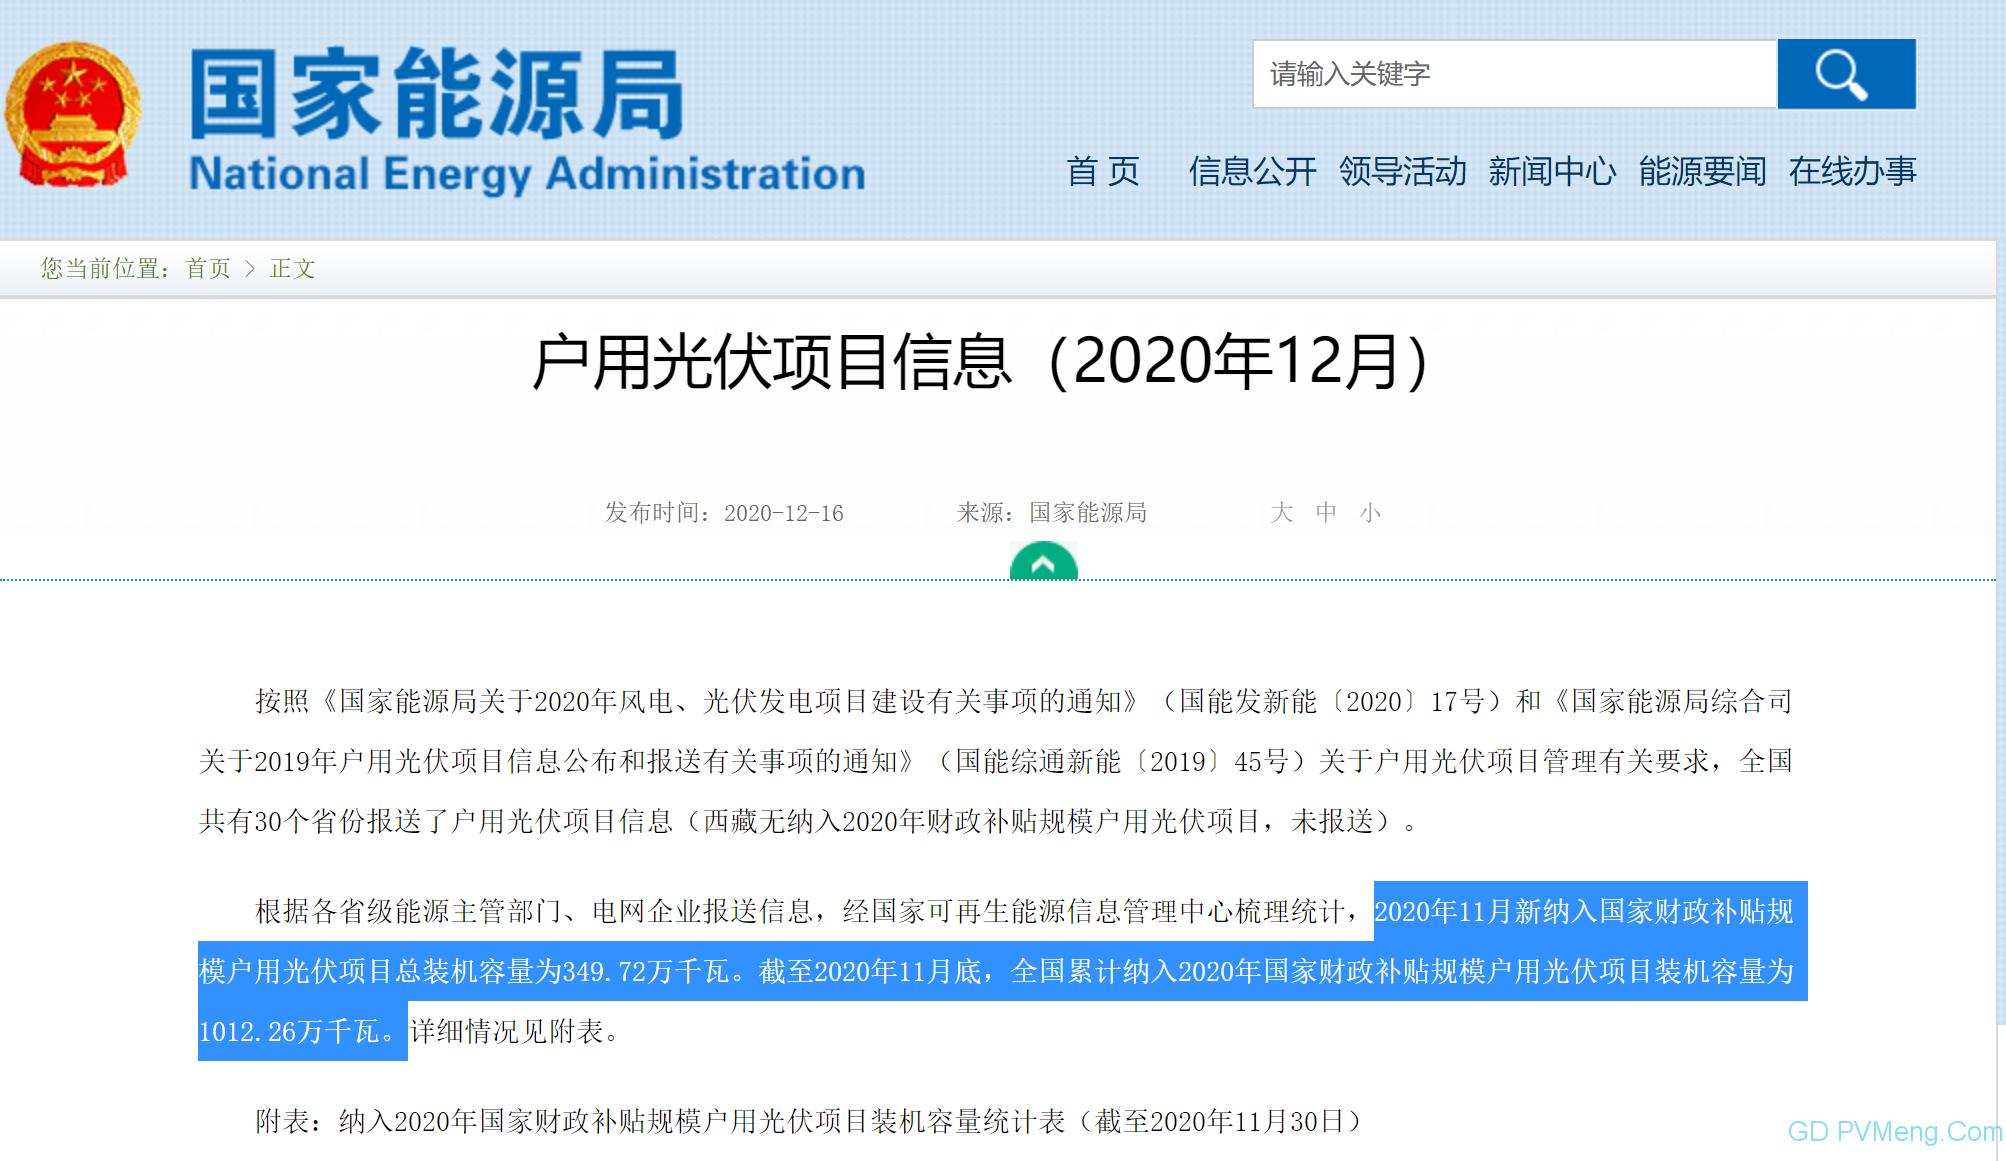 【突破】[2020年户用装机10.1GW,11月新增3497.2MW]国家能源局:户用光伏项目信息(2020年12月) 20201216